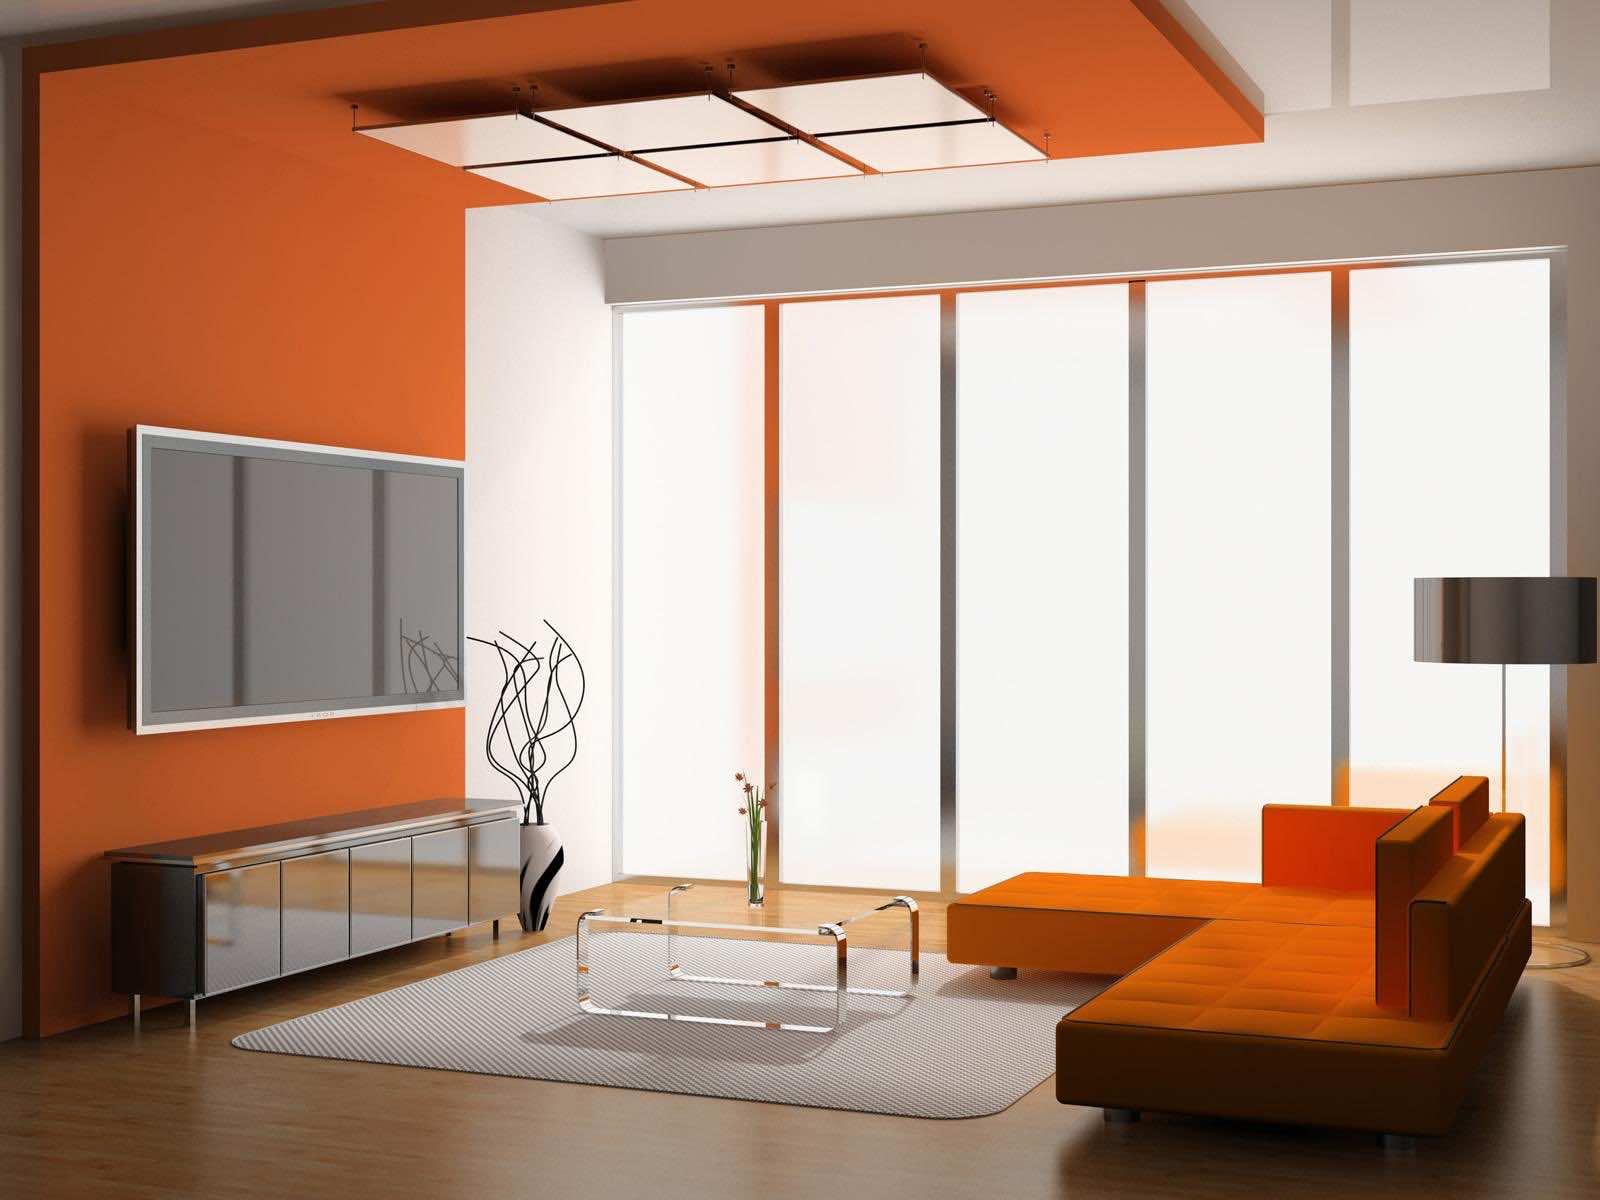 Paint Colors Home. Paint Colors Home T - Churl.co